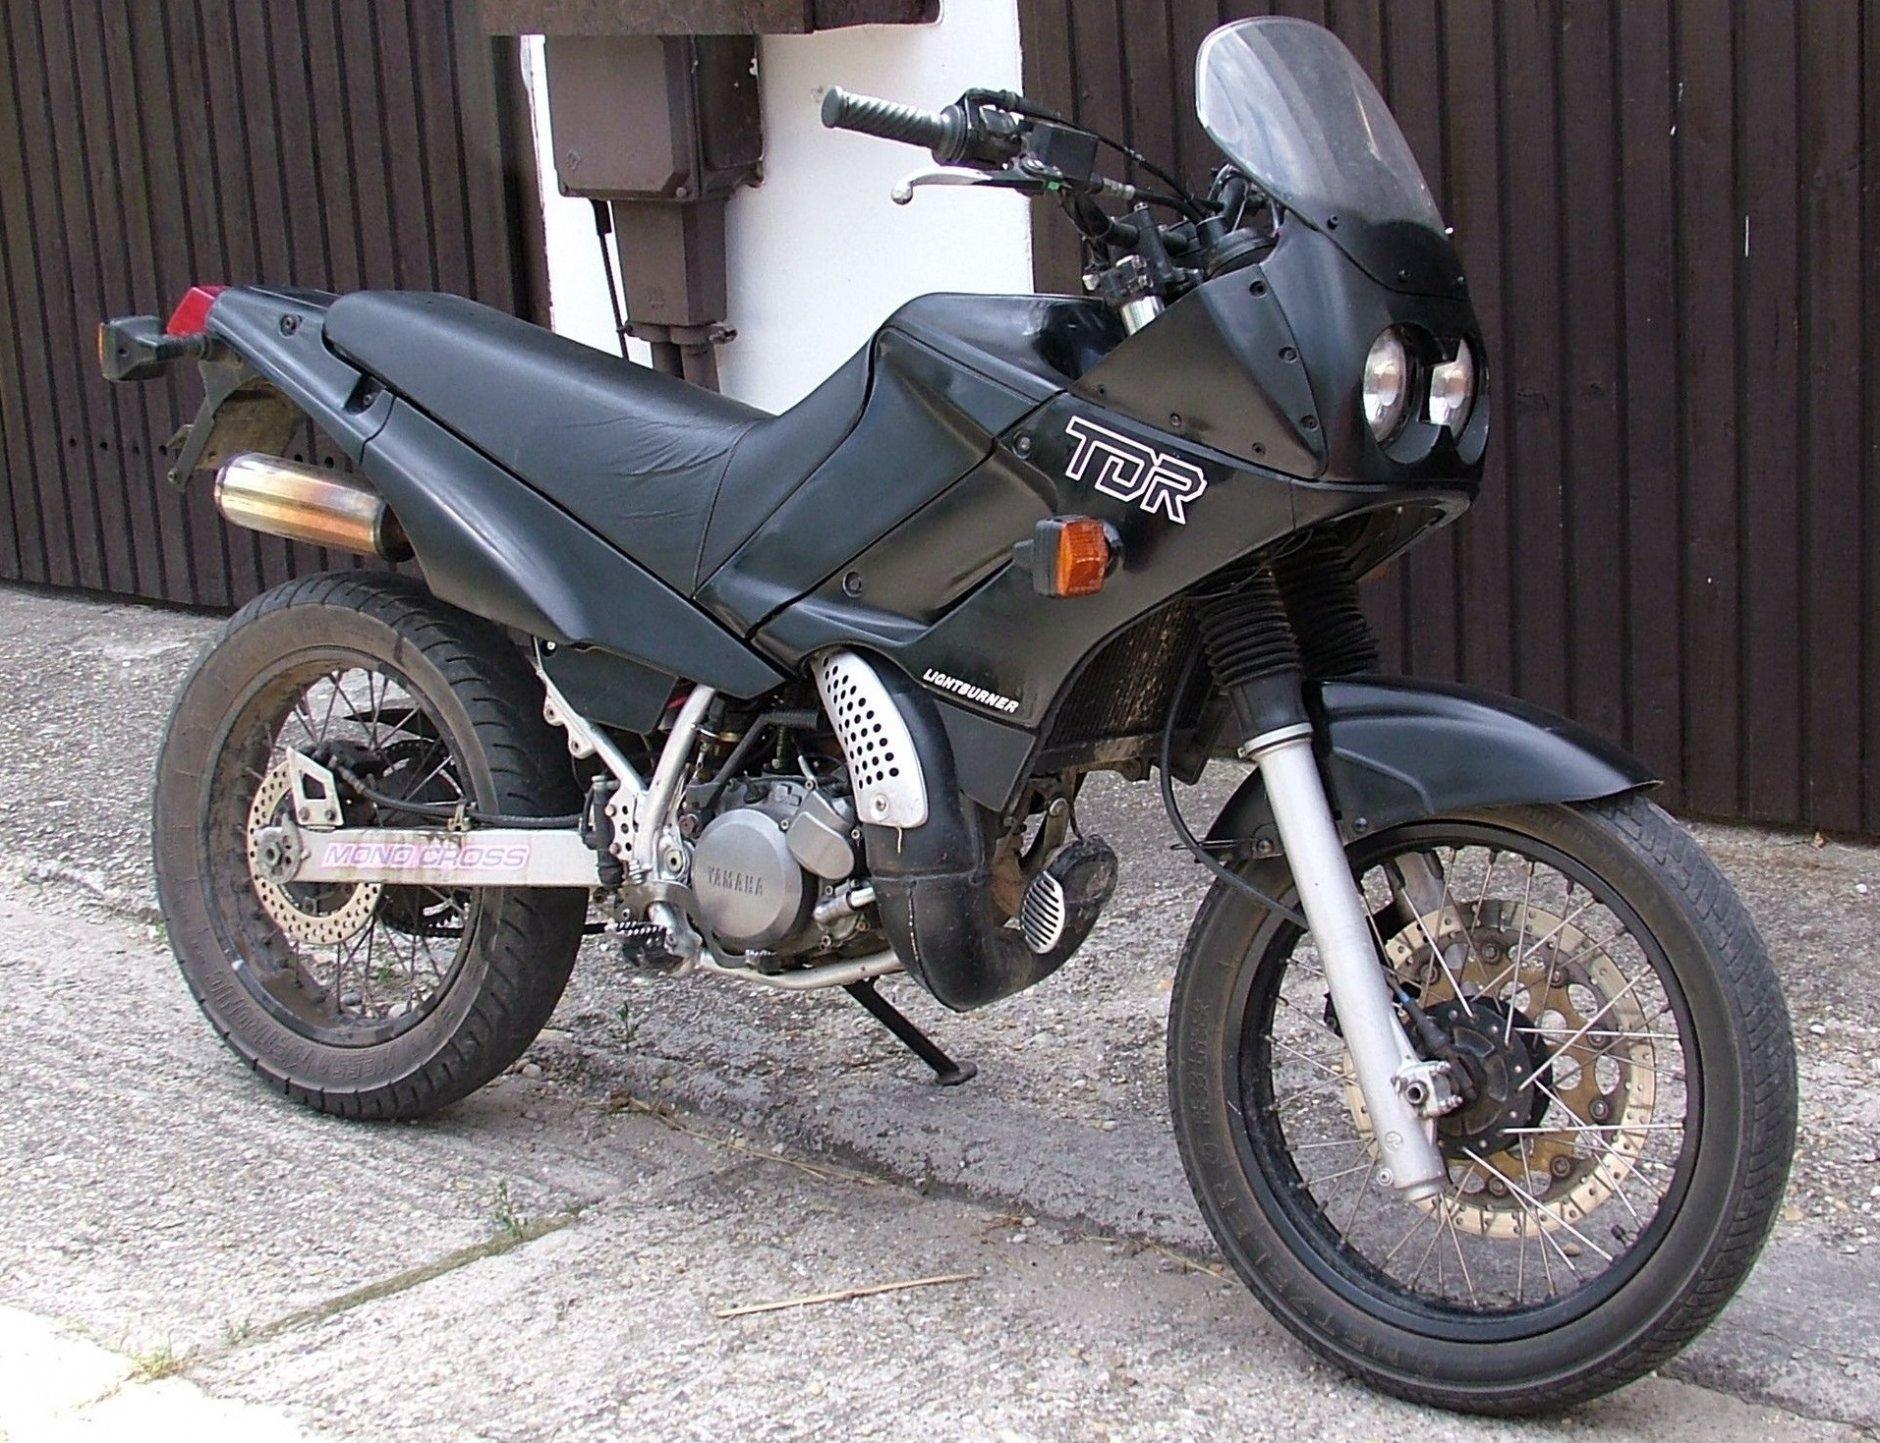 Motocikli Oprema I Delovi Yamaha Tdr 125 1992 God Menjac